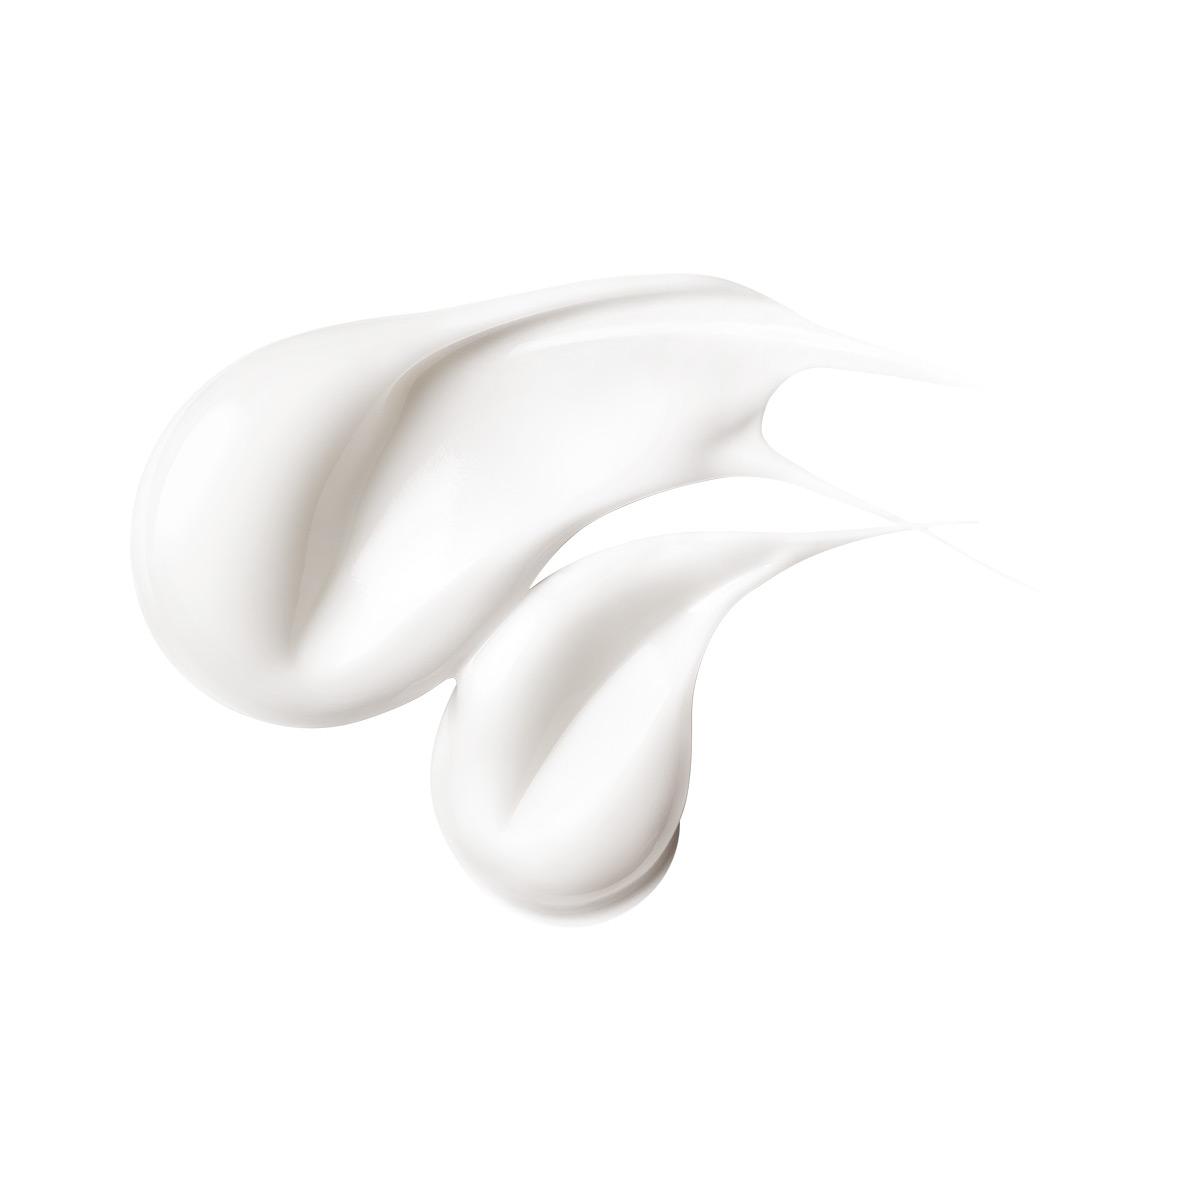 La Roche-Posay LIPIKAR 全效修護系列系列的LIPIKAR AP+ 全效抗敏修護霜 - 抗痕配方 $240 / $320 產品圖片